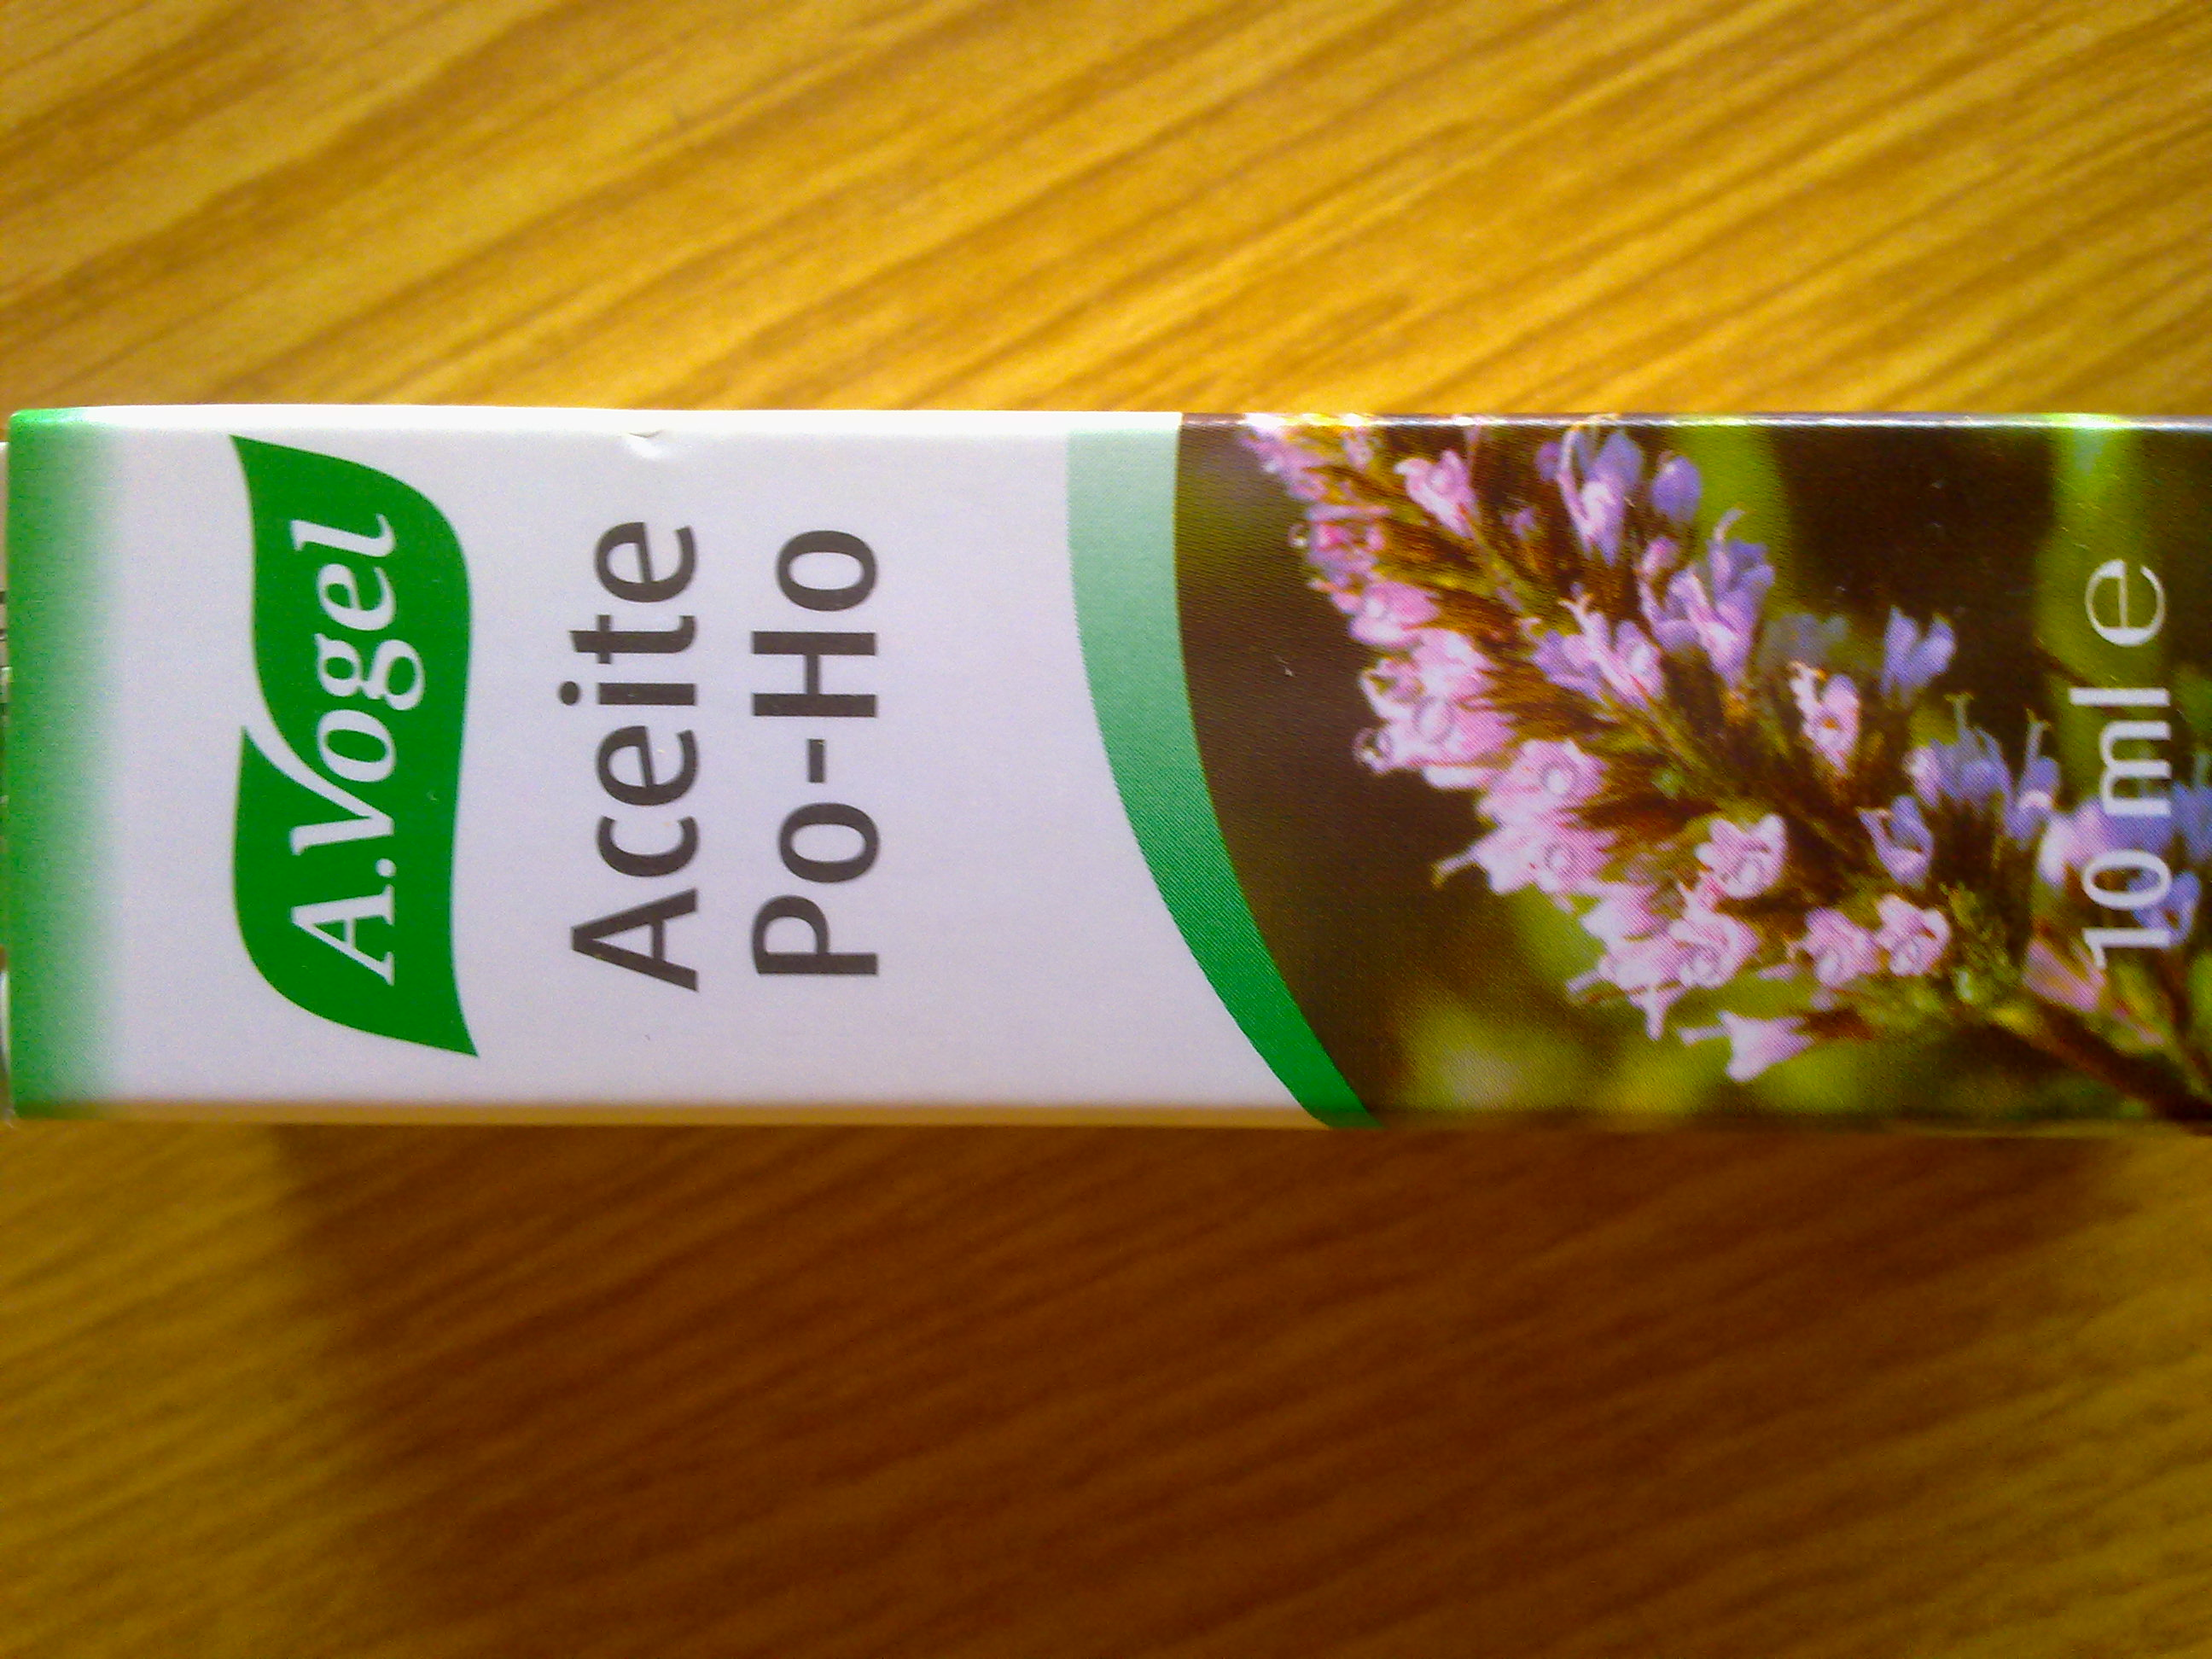 Aceite PO-HO. A.Vogel